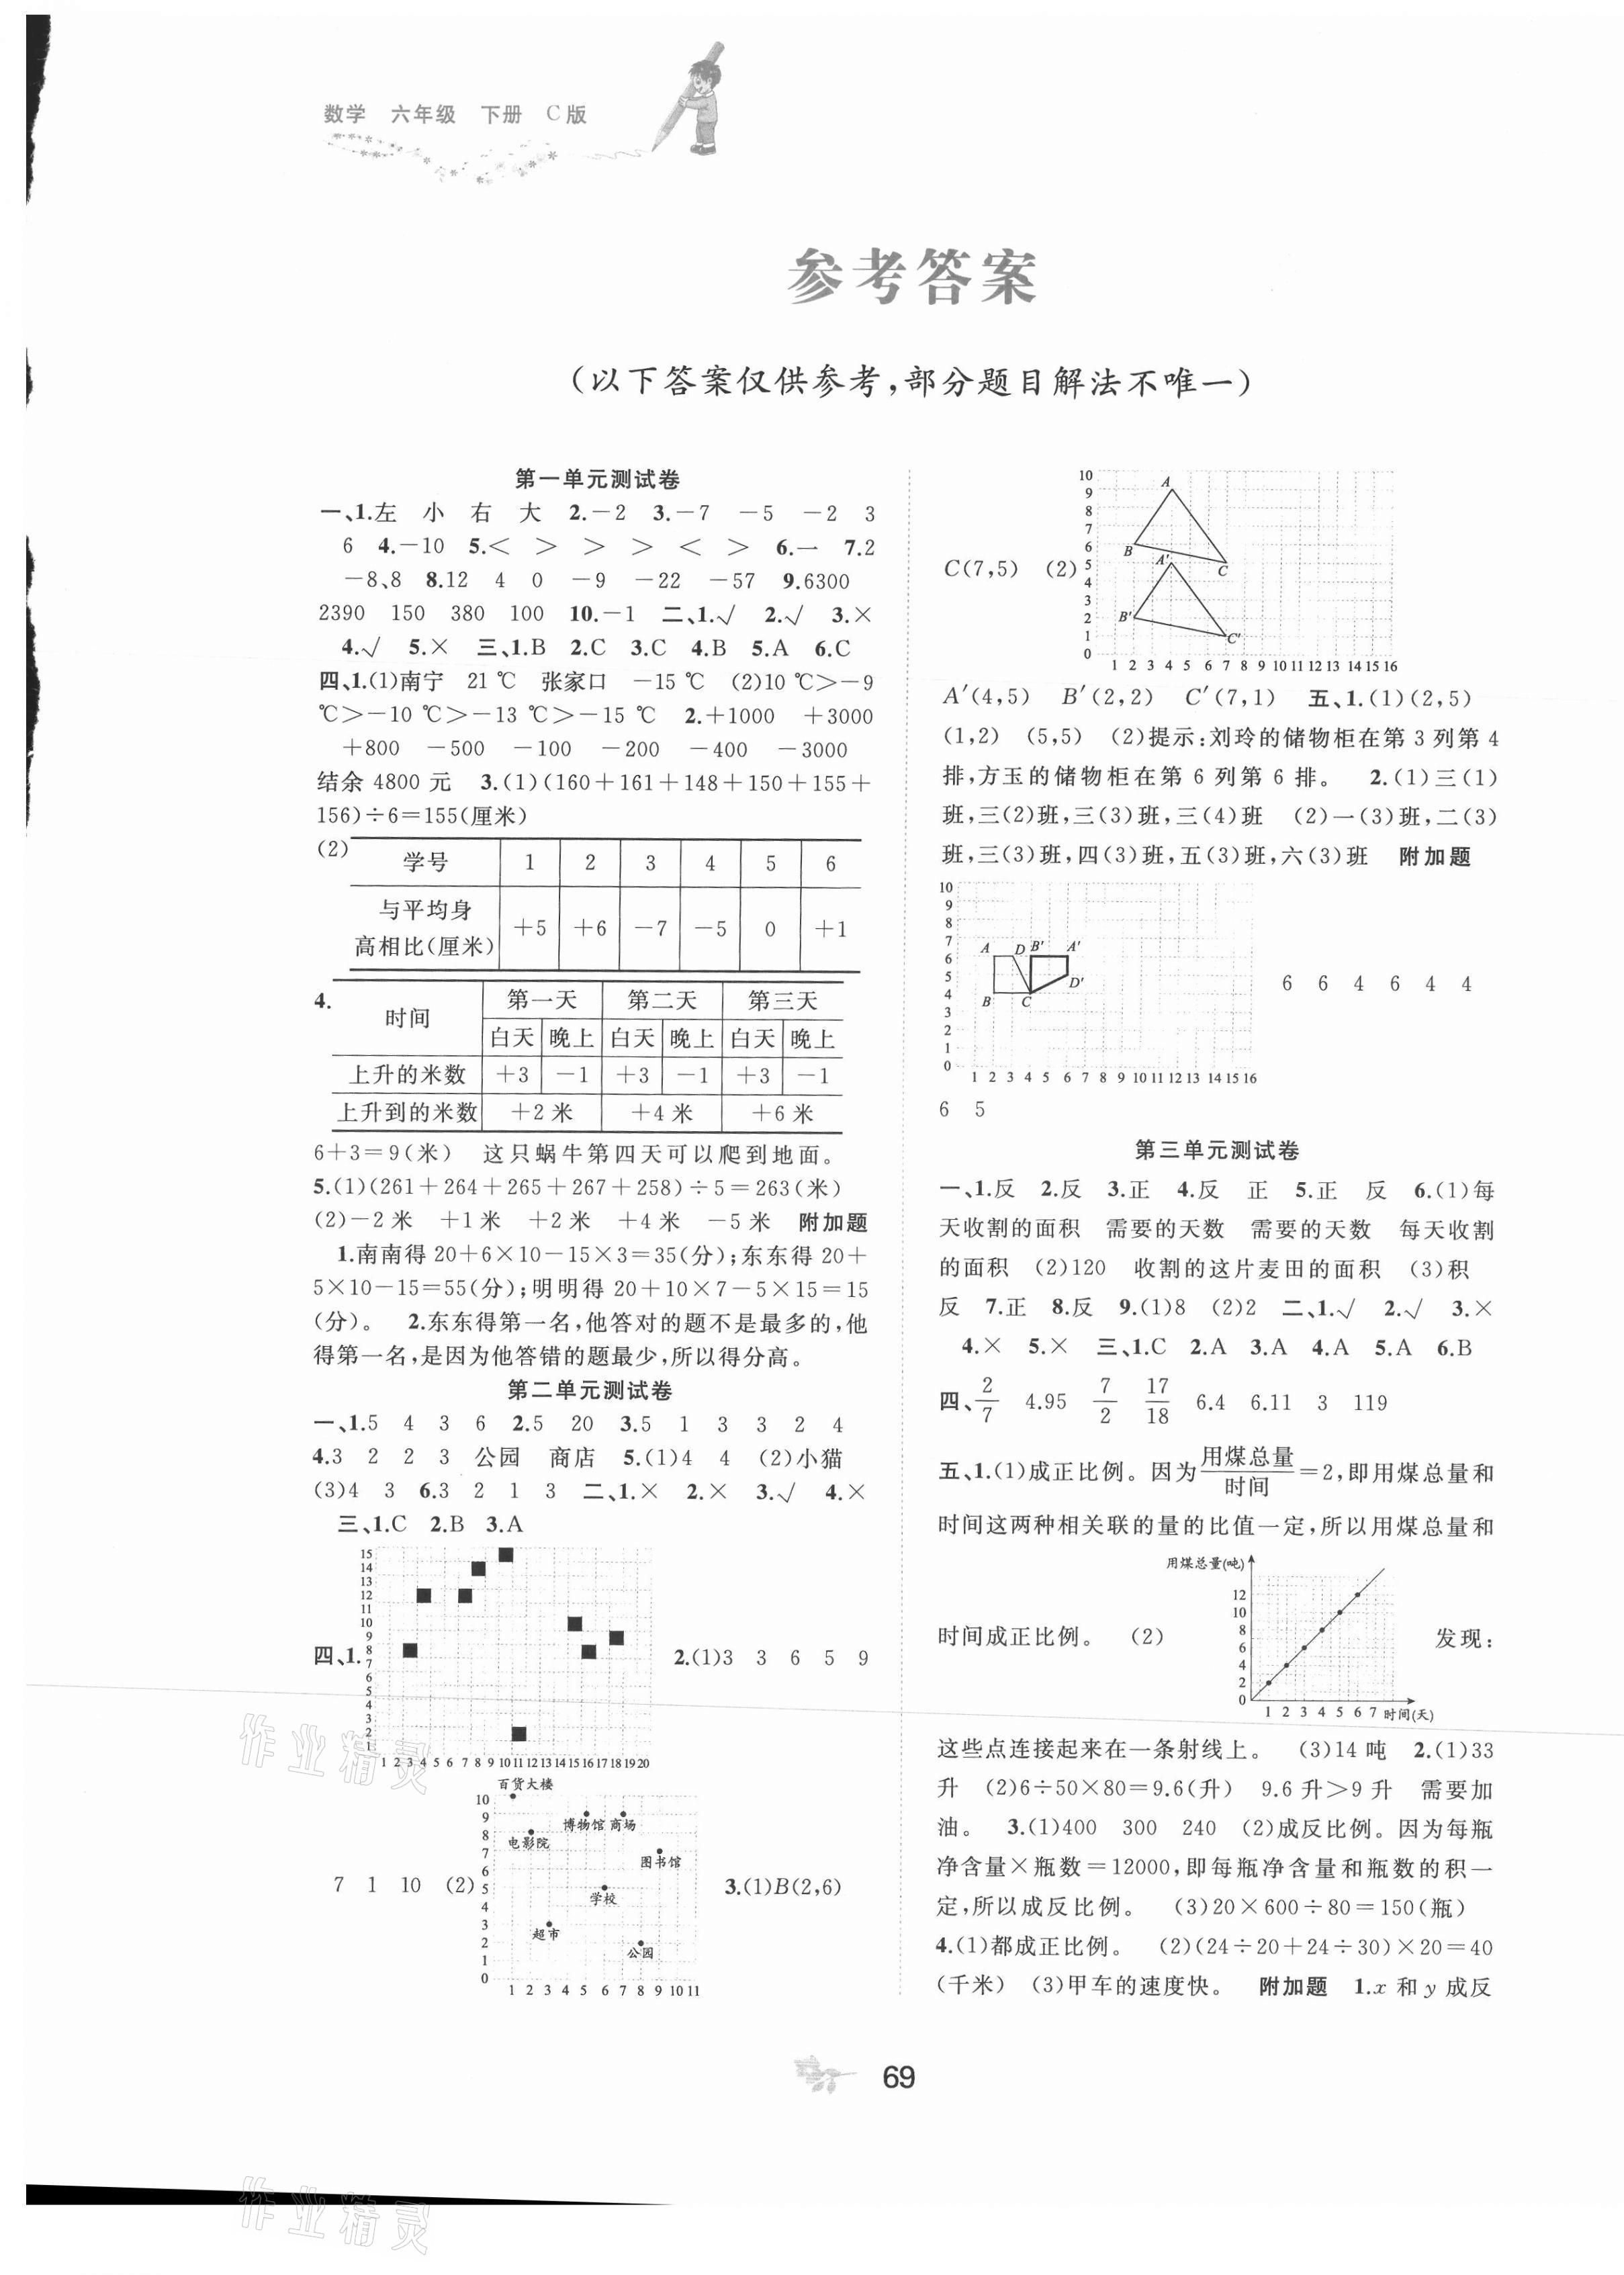 2021年新課程學習與測評單元雙測六年級數學下冊冀教版C版第1頁